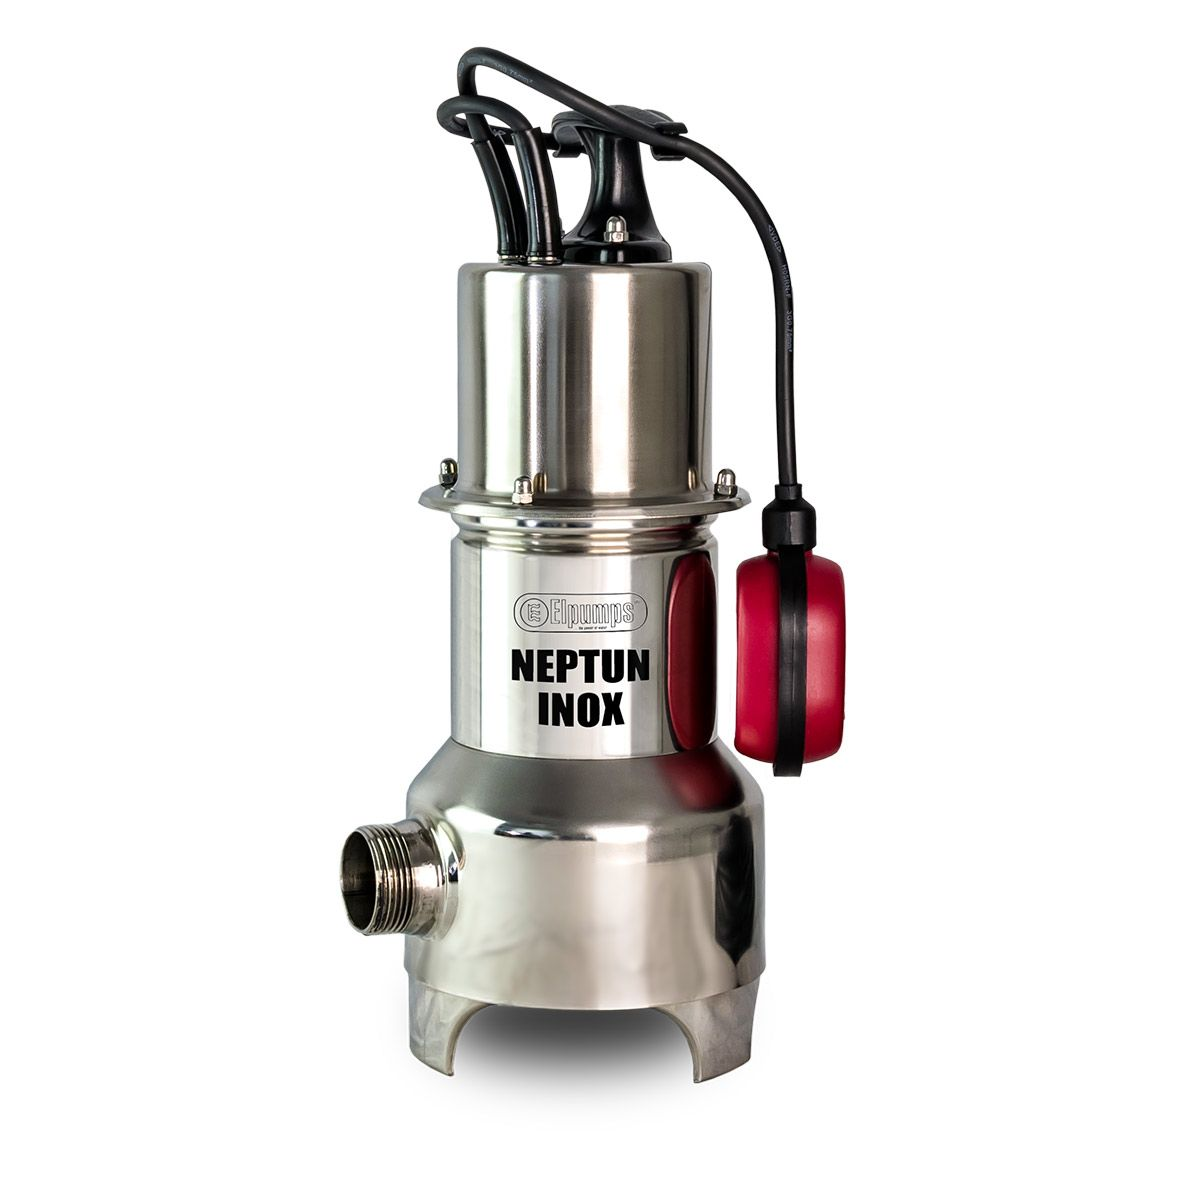 Schmutzwasserpumpe NEPTUN INOX, H max 9.0 m, Q max 15000 l/h, 0.8 kW, 200 x 165 x 380 mm, 1 1/4' AG, 230 V